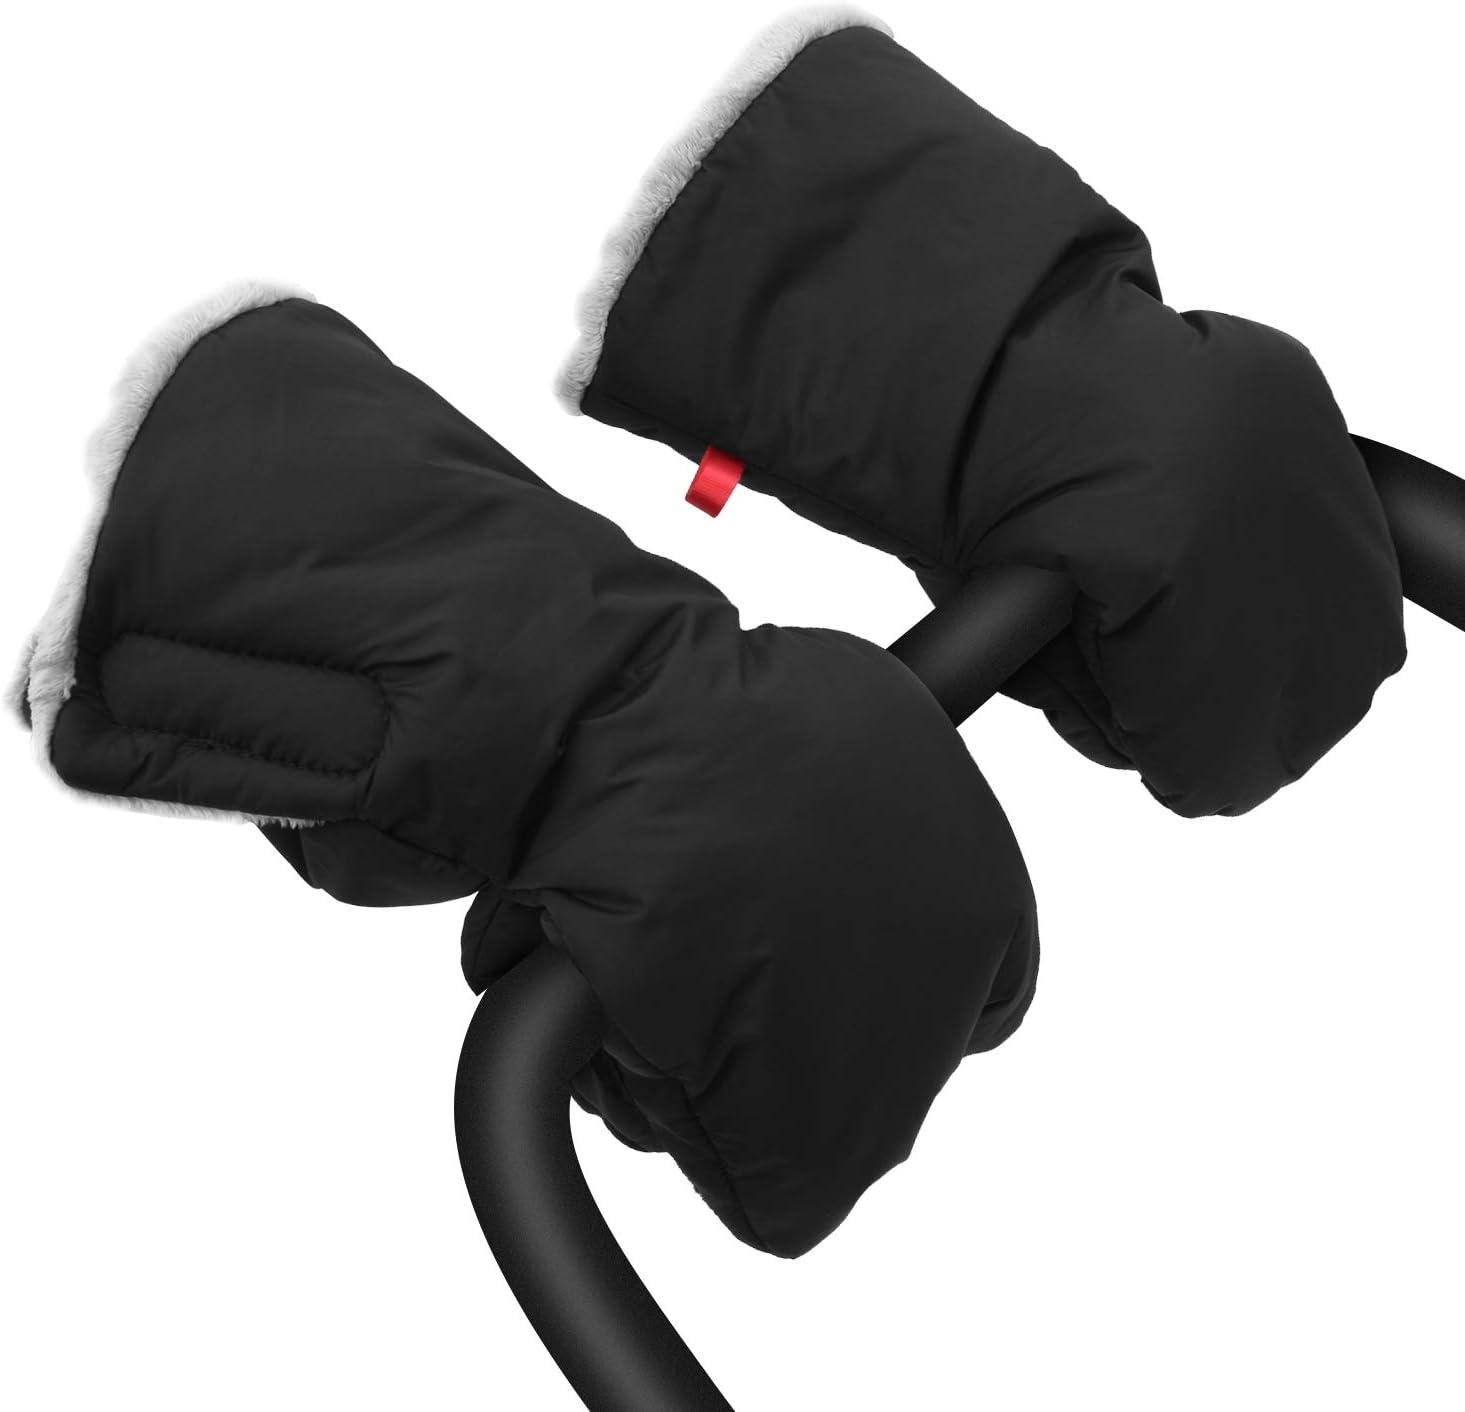 Saco de mano extra grueso para cochecito de bebé, guantes impermeables y anticongelante, para padres y cuidadores